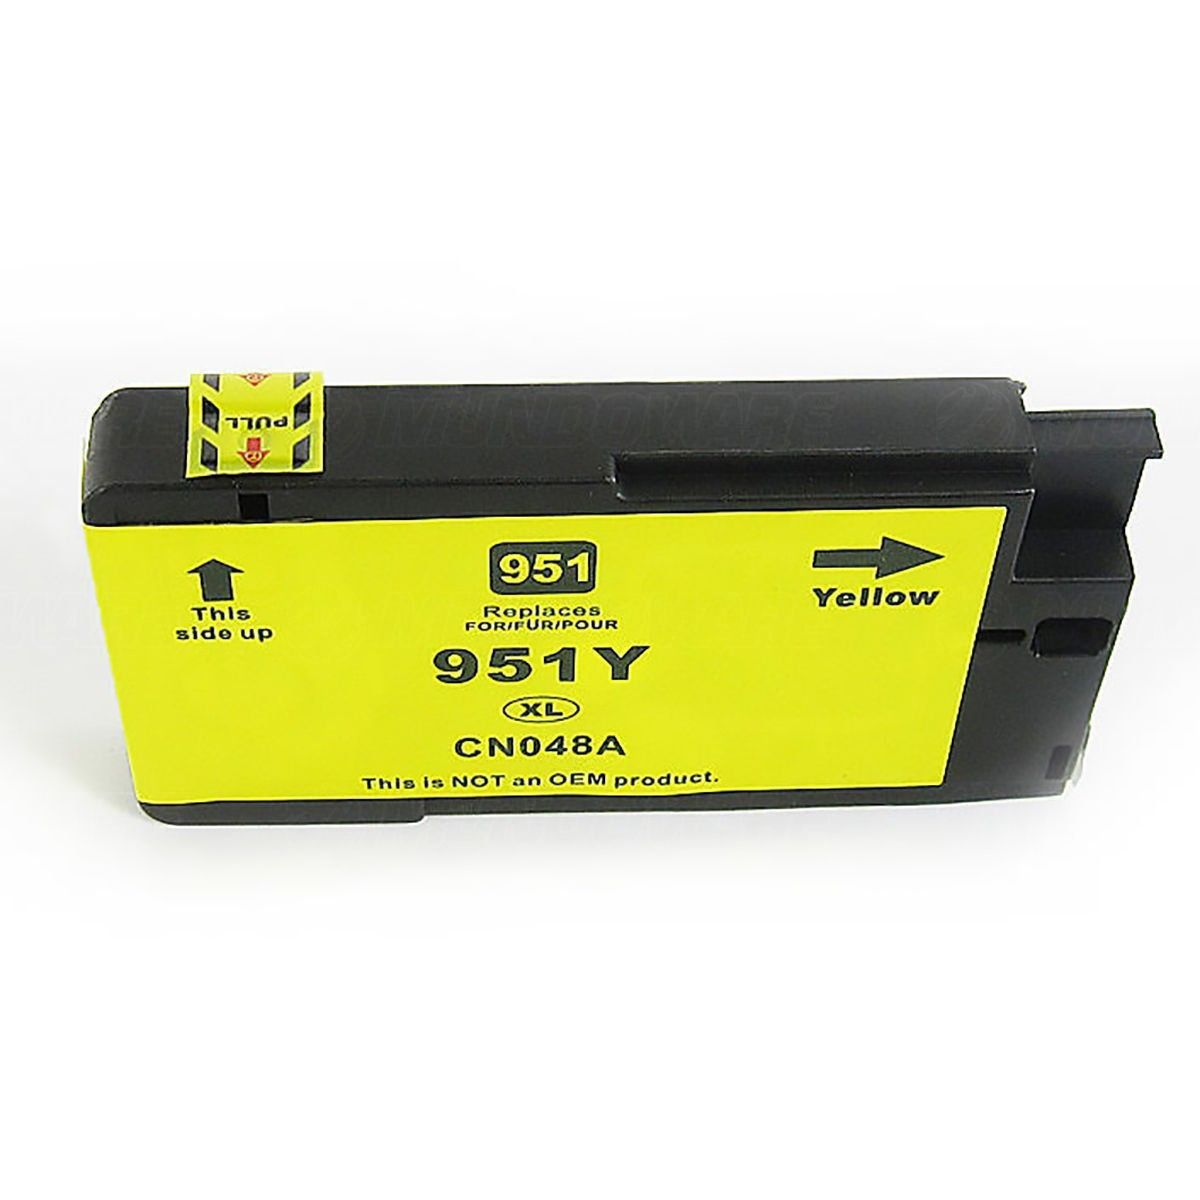 Compatível: Cartucho de Tinta 951xl 951 para HP Pro 8100 8600 8600w 8620 8610 N811a N811d N911a / Amarelo / 27ml